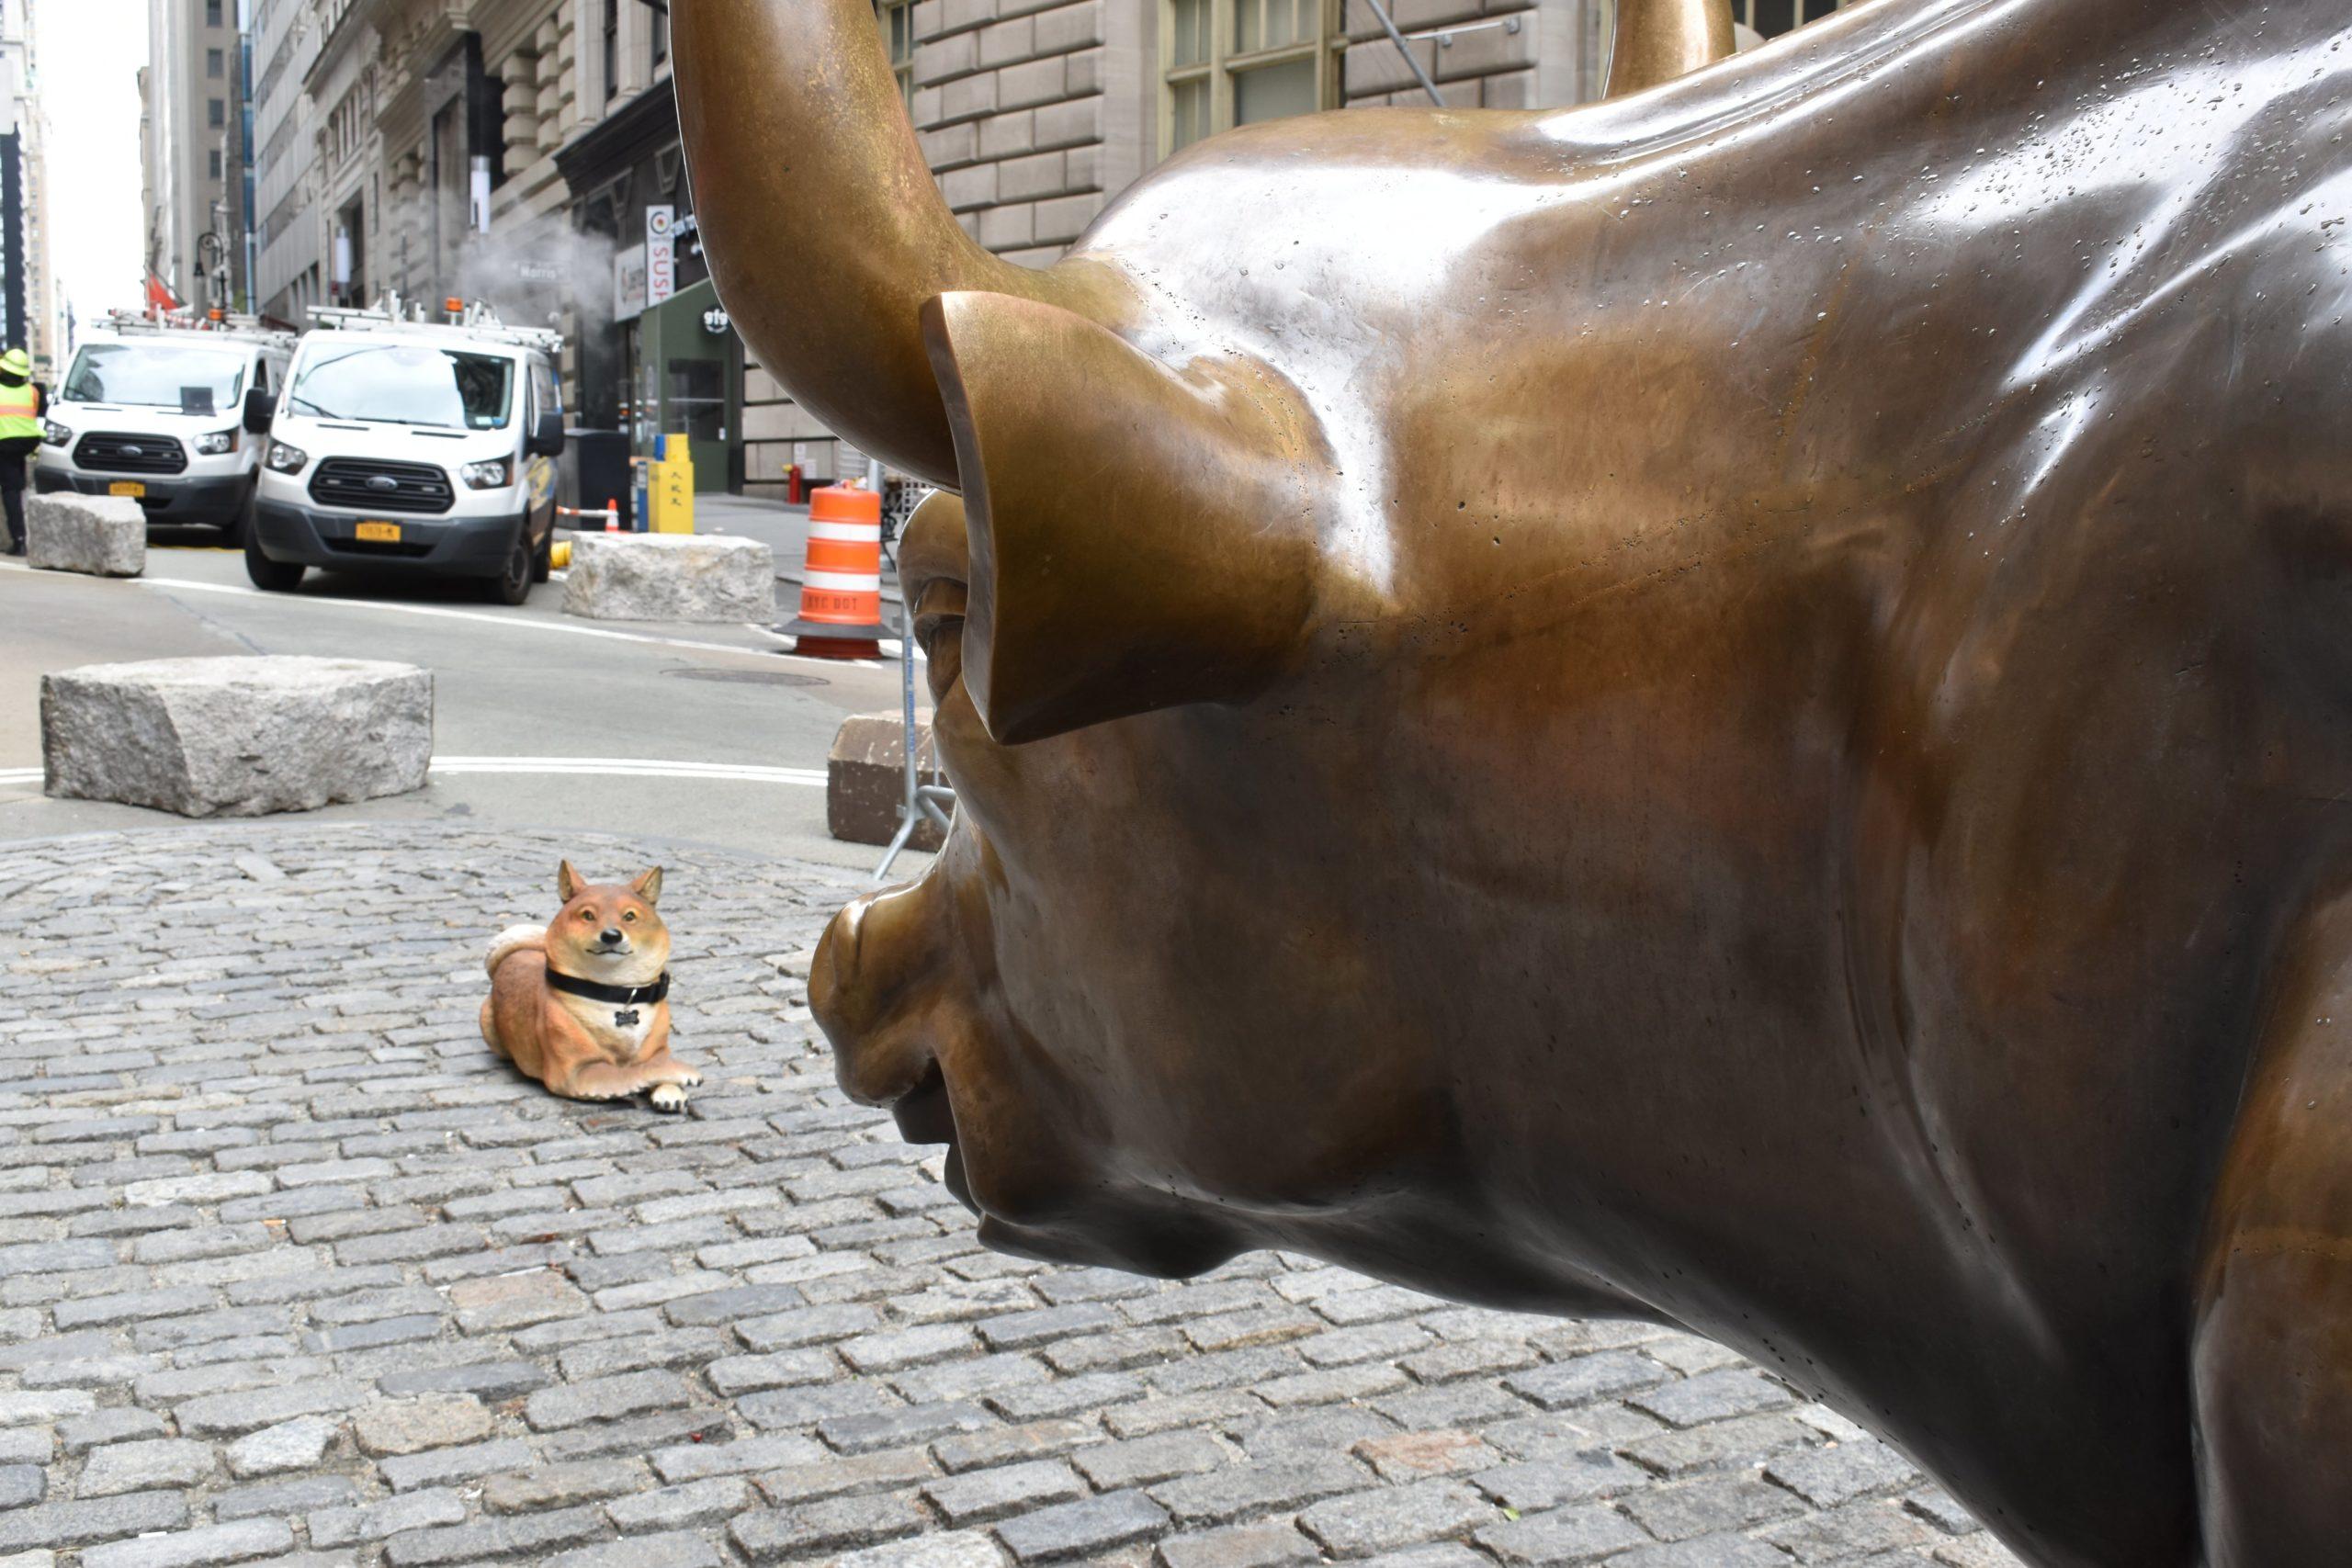 wall streetin unlu charging bull heykelinin onune dogecoini doge temsil eden shiba inu heykeli yerlestirildi